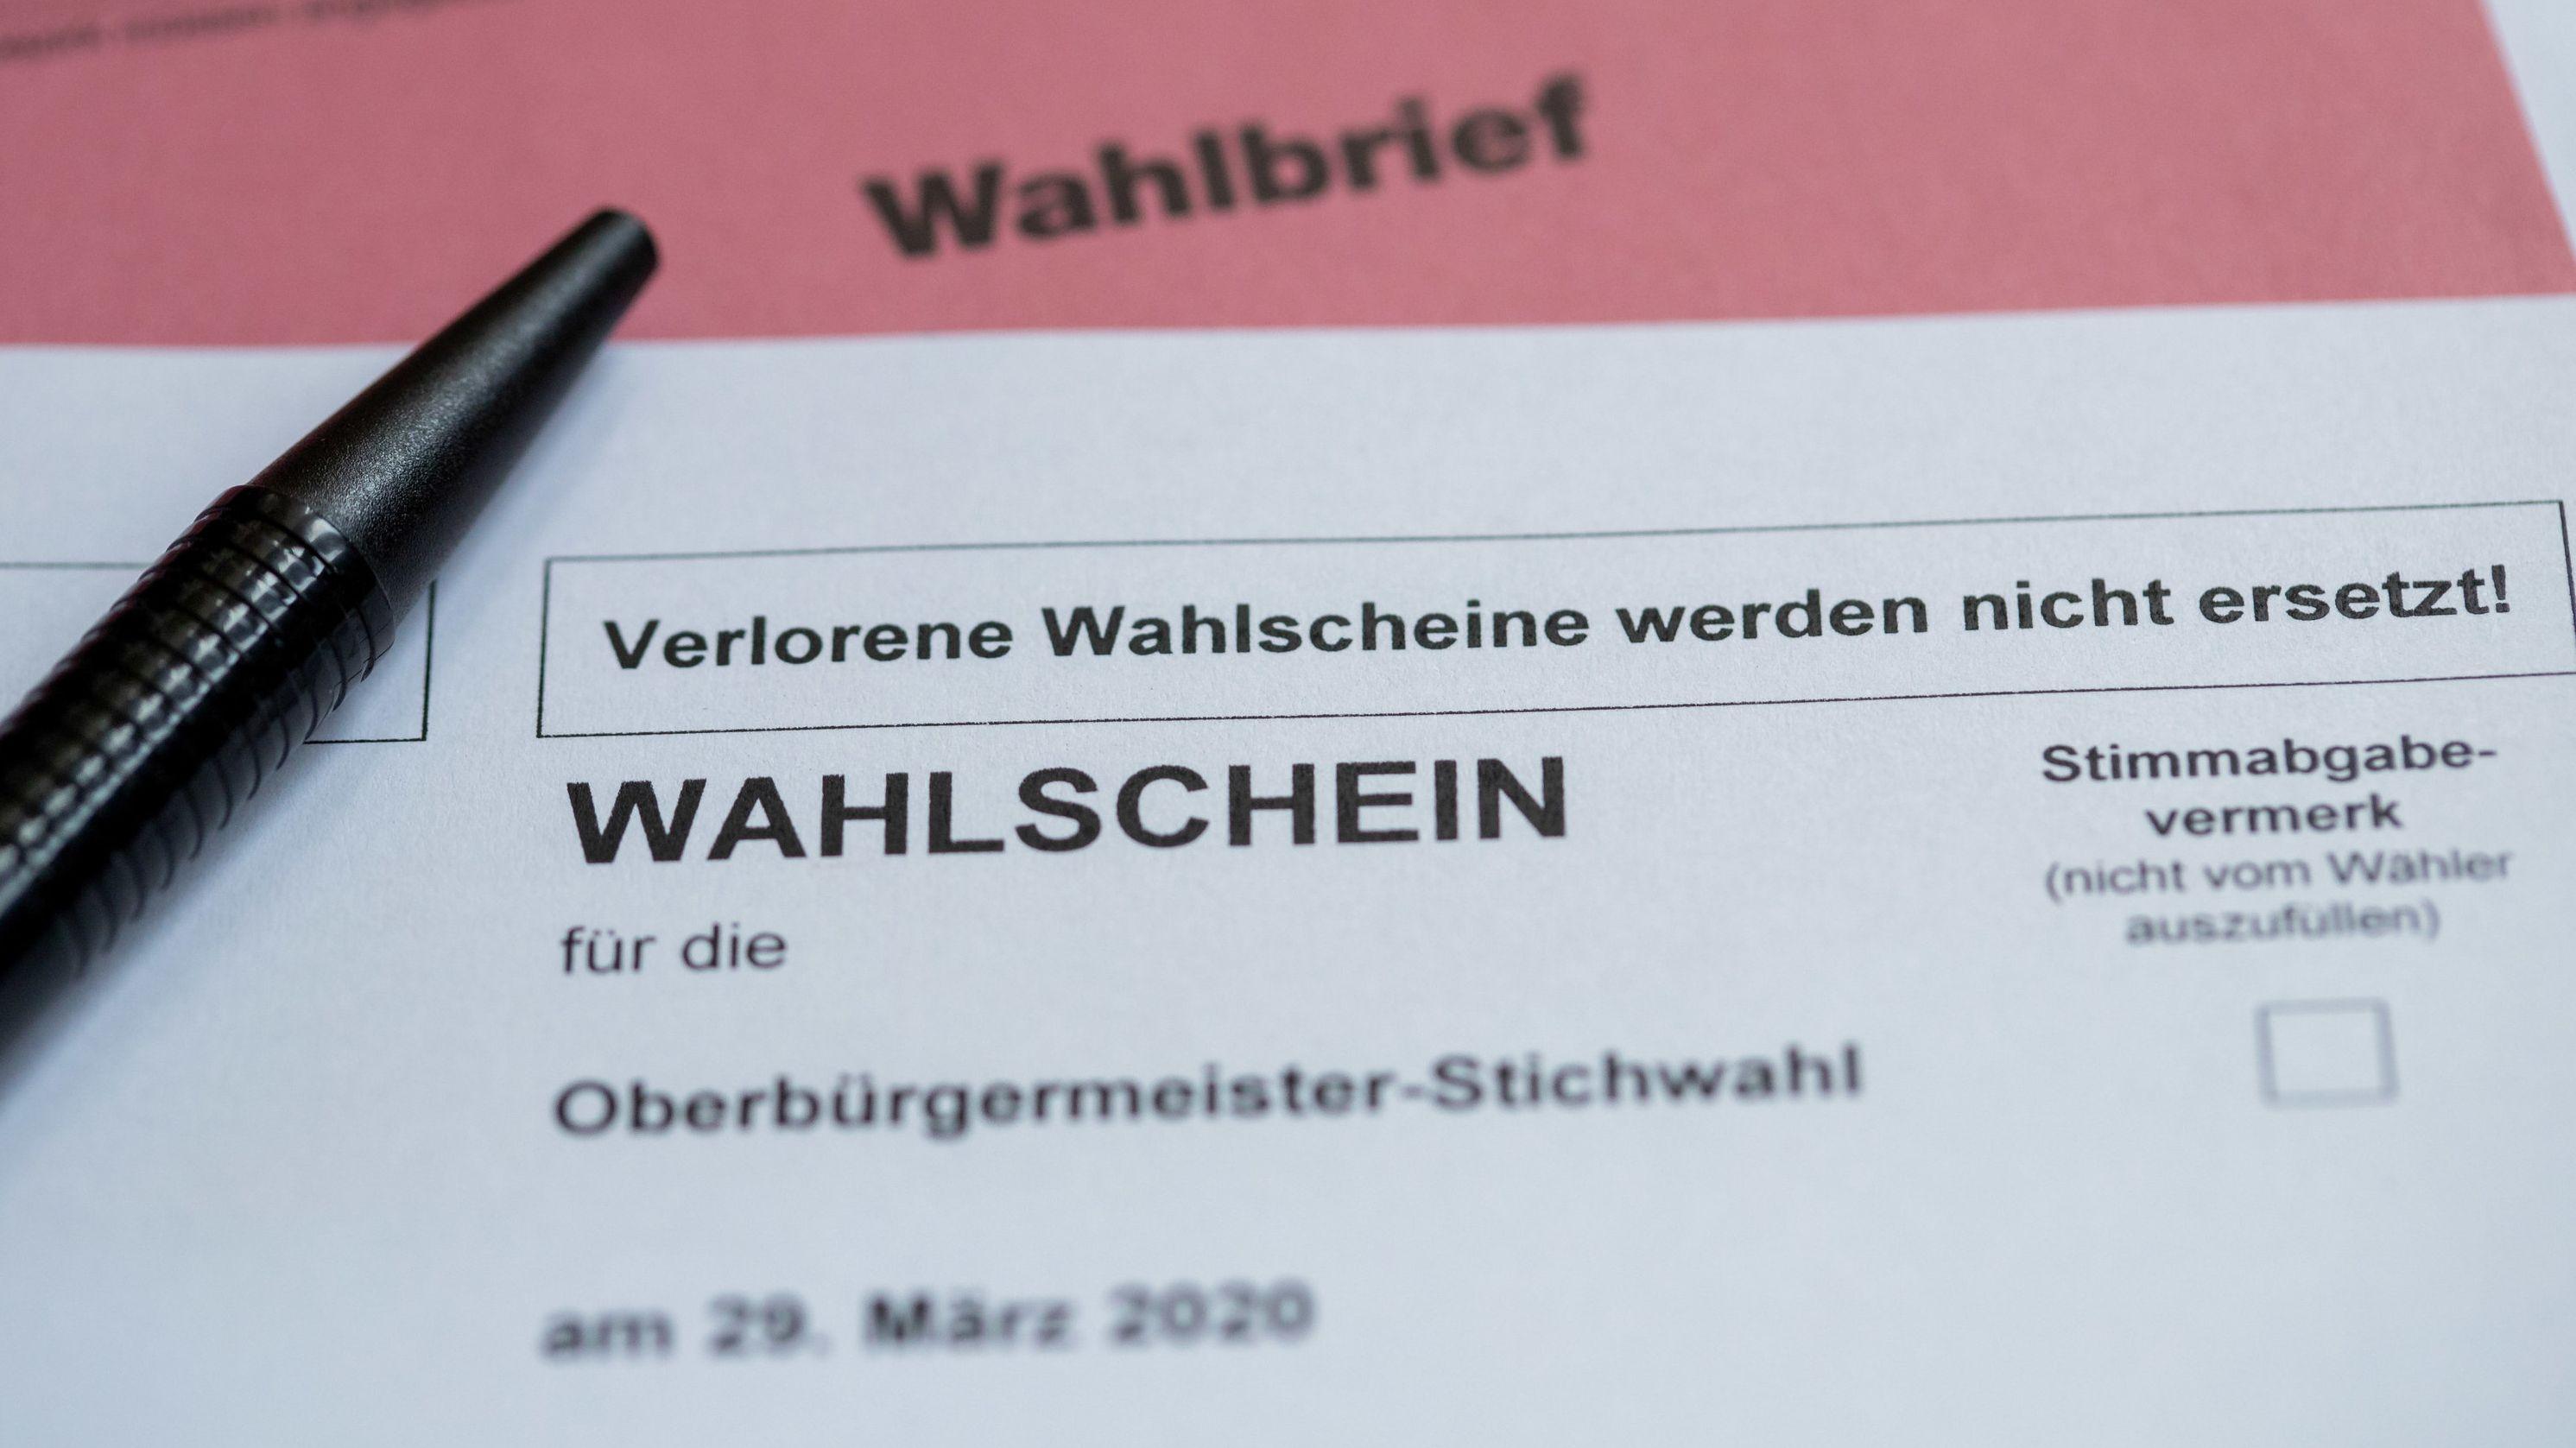 Briefwahlunterlagen für die Stichwahl in Nürnberg 2020